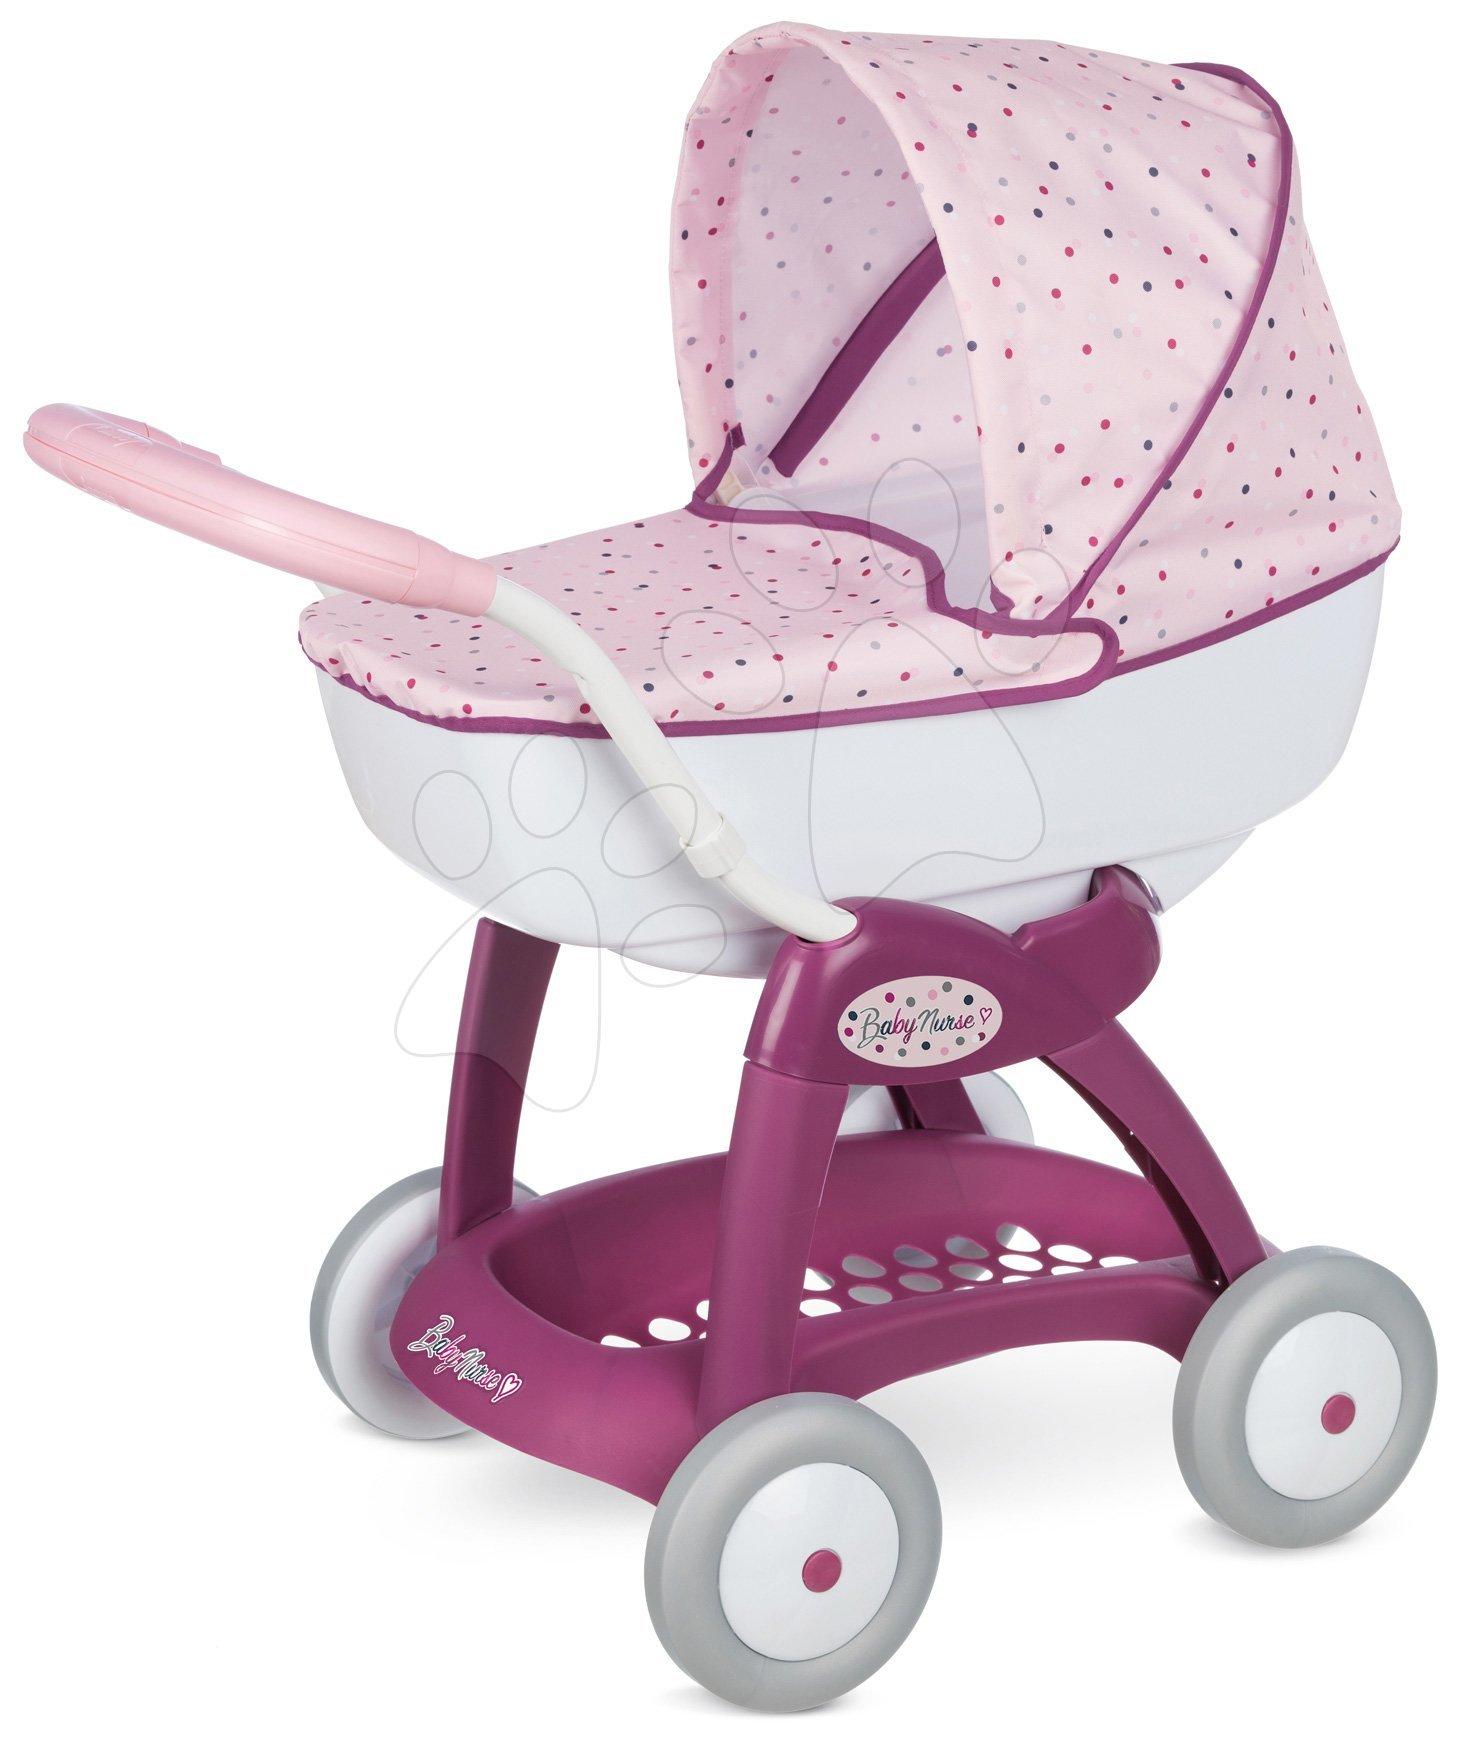 Vozički za dojenčke - Globoki voziček Violetta Petite Baby Nurse Smoby za dojenčke do 42 cm višina ročaja 55 cm od 18 mes